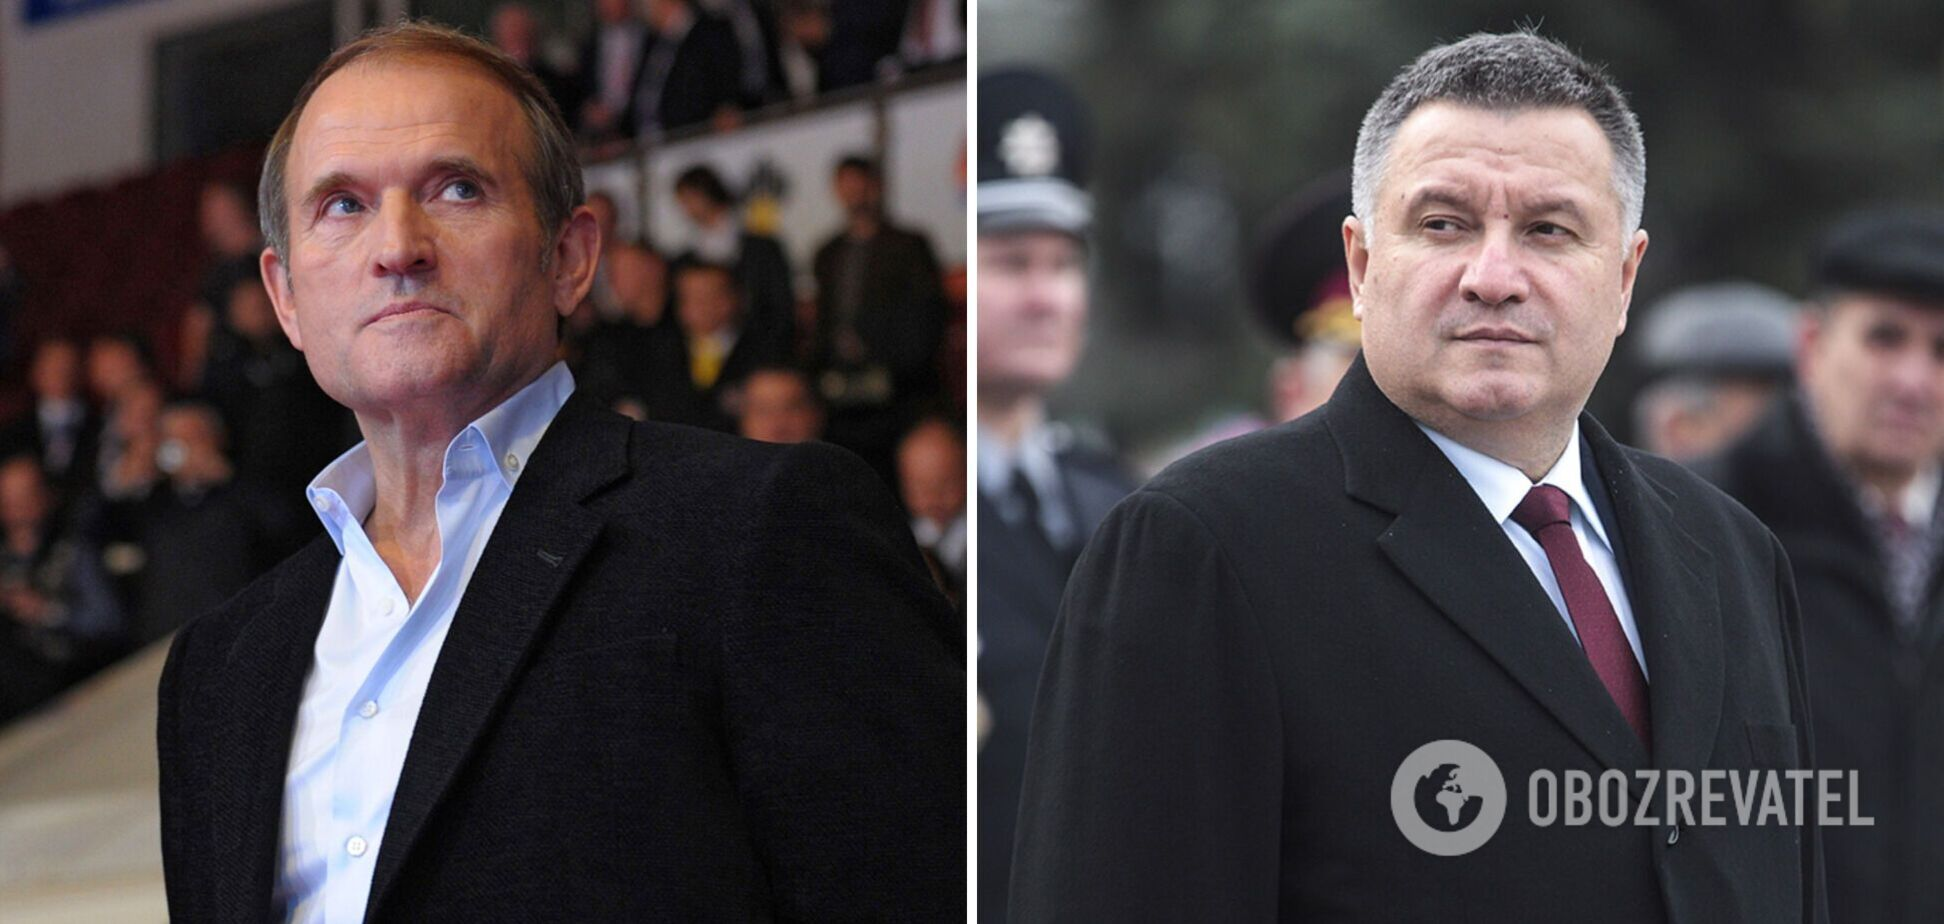 Аваков – о санкциях против Медведчука: до последнего ждал, что сорвутся